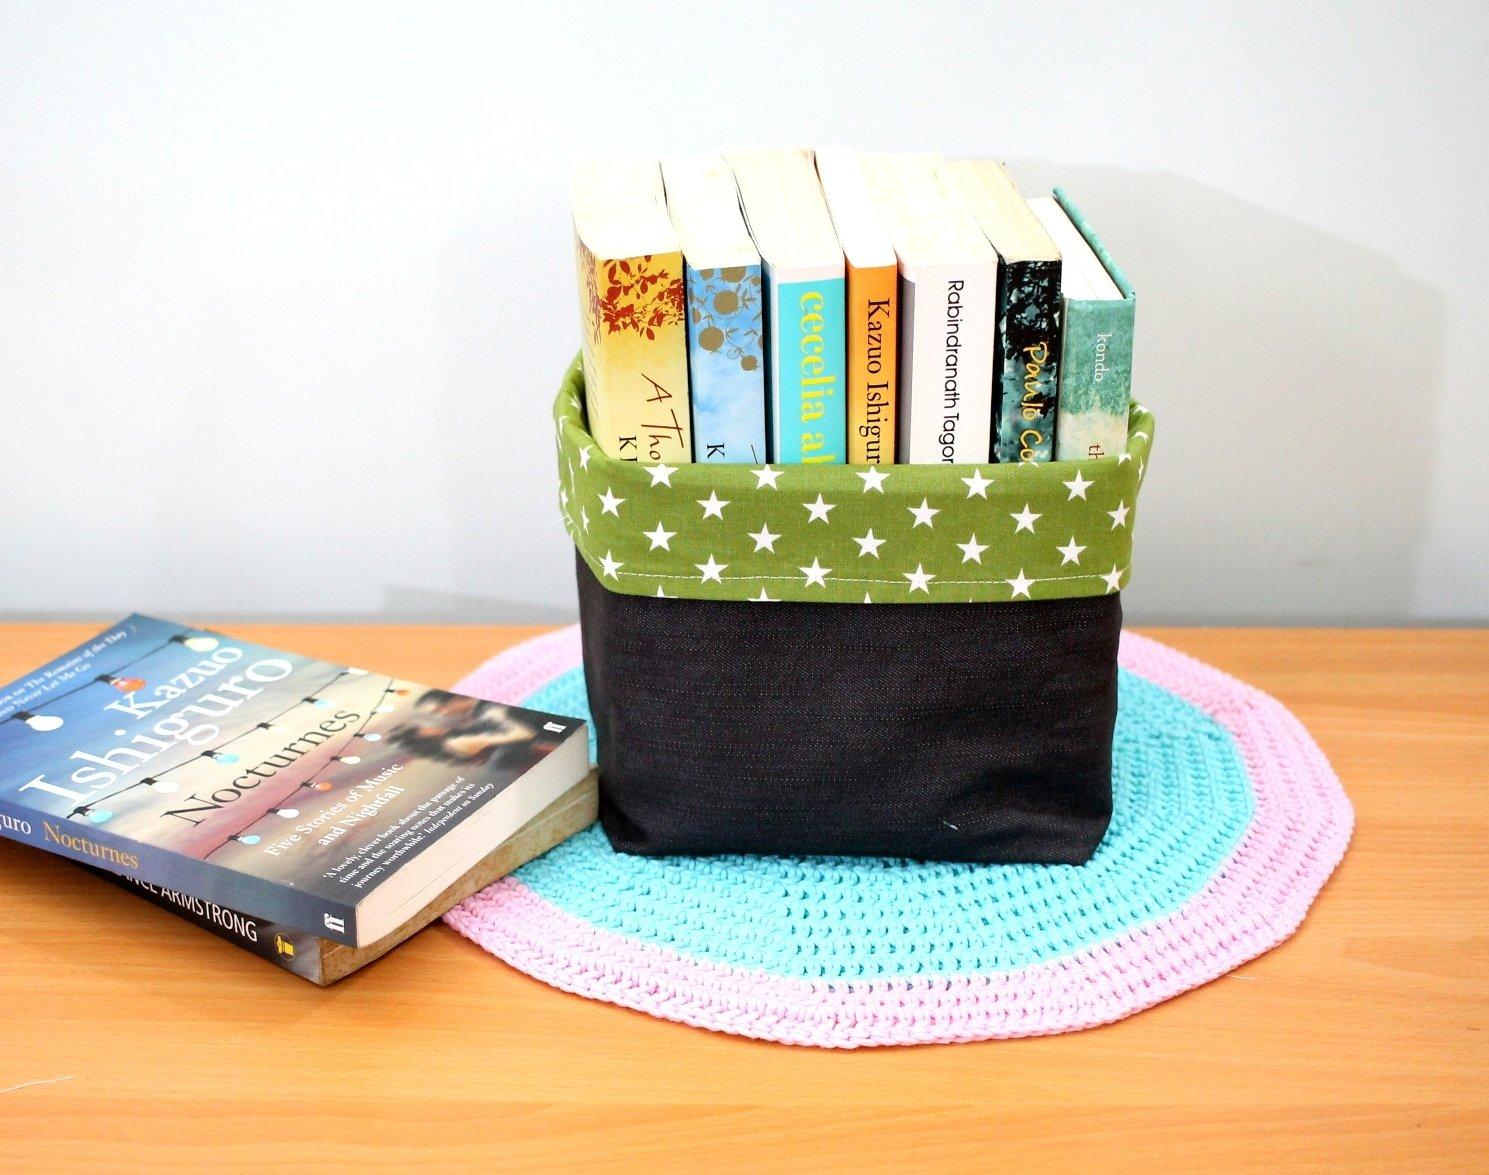 Reversible Fabric Storage for Story Books, Novel, etc -  Black Denim & Green Star